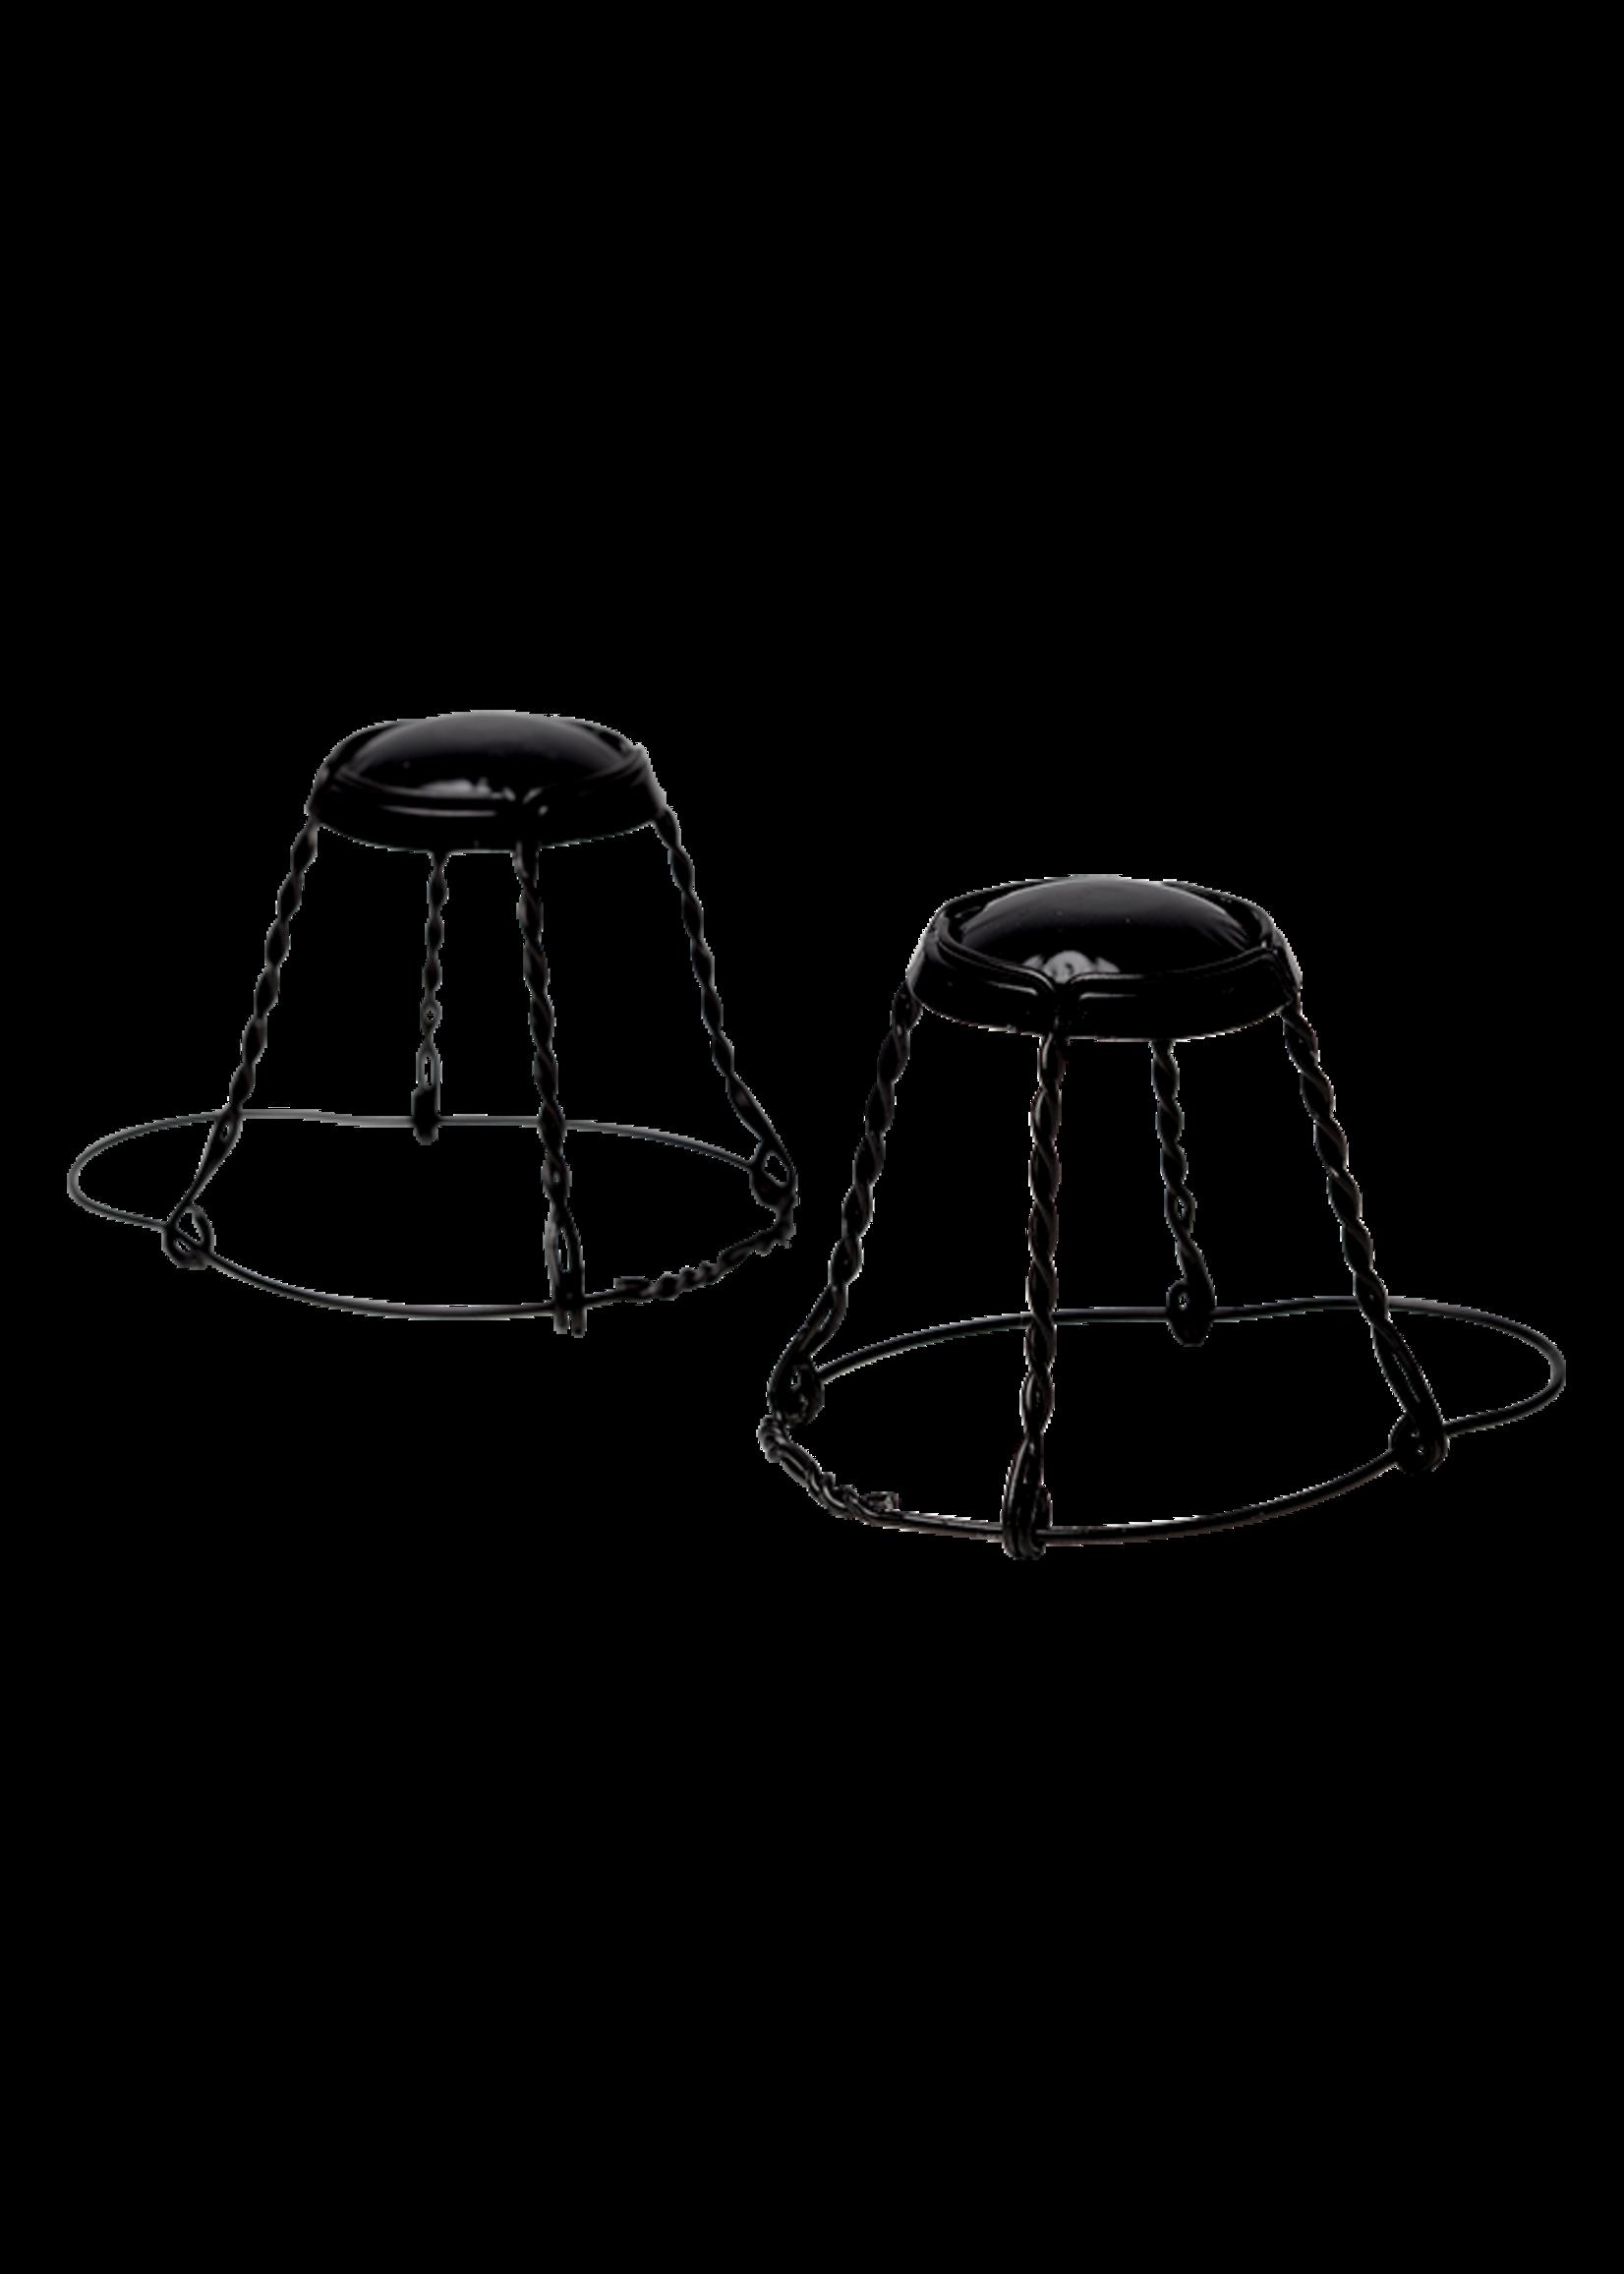 Racking/Bottling Wires, Hooded - Belgian Black Cap & Wire (24/bag)